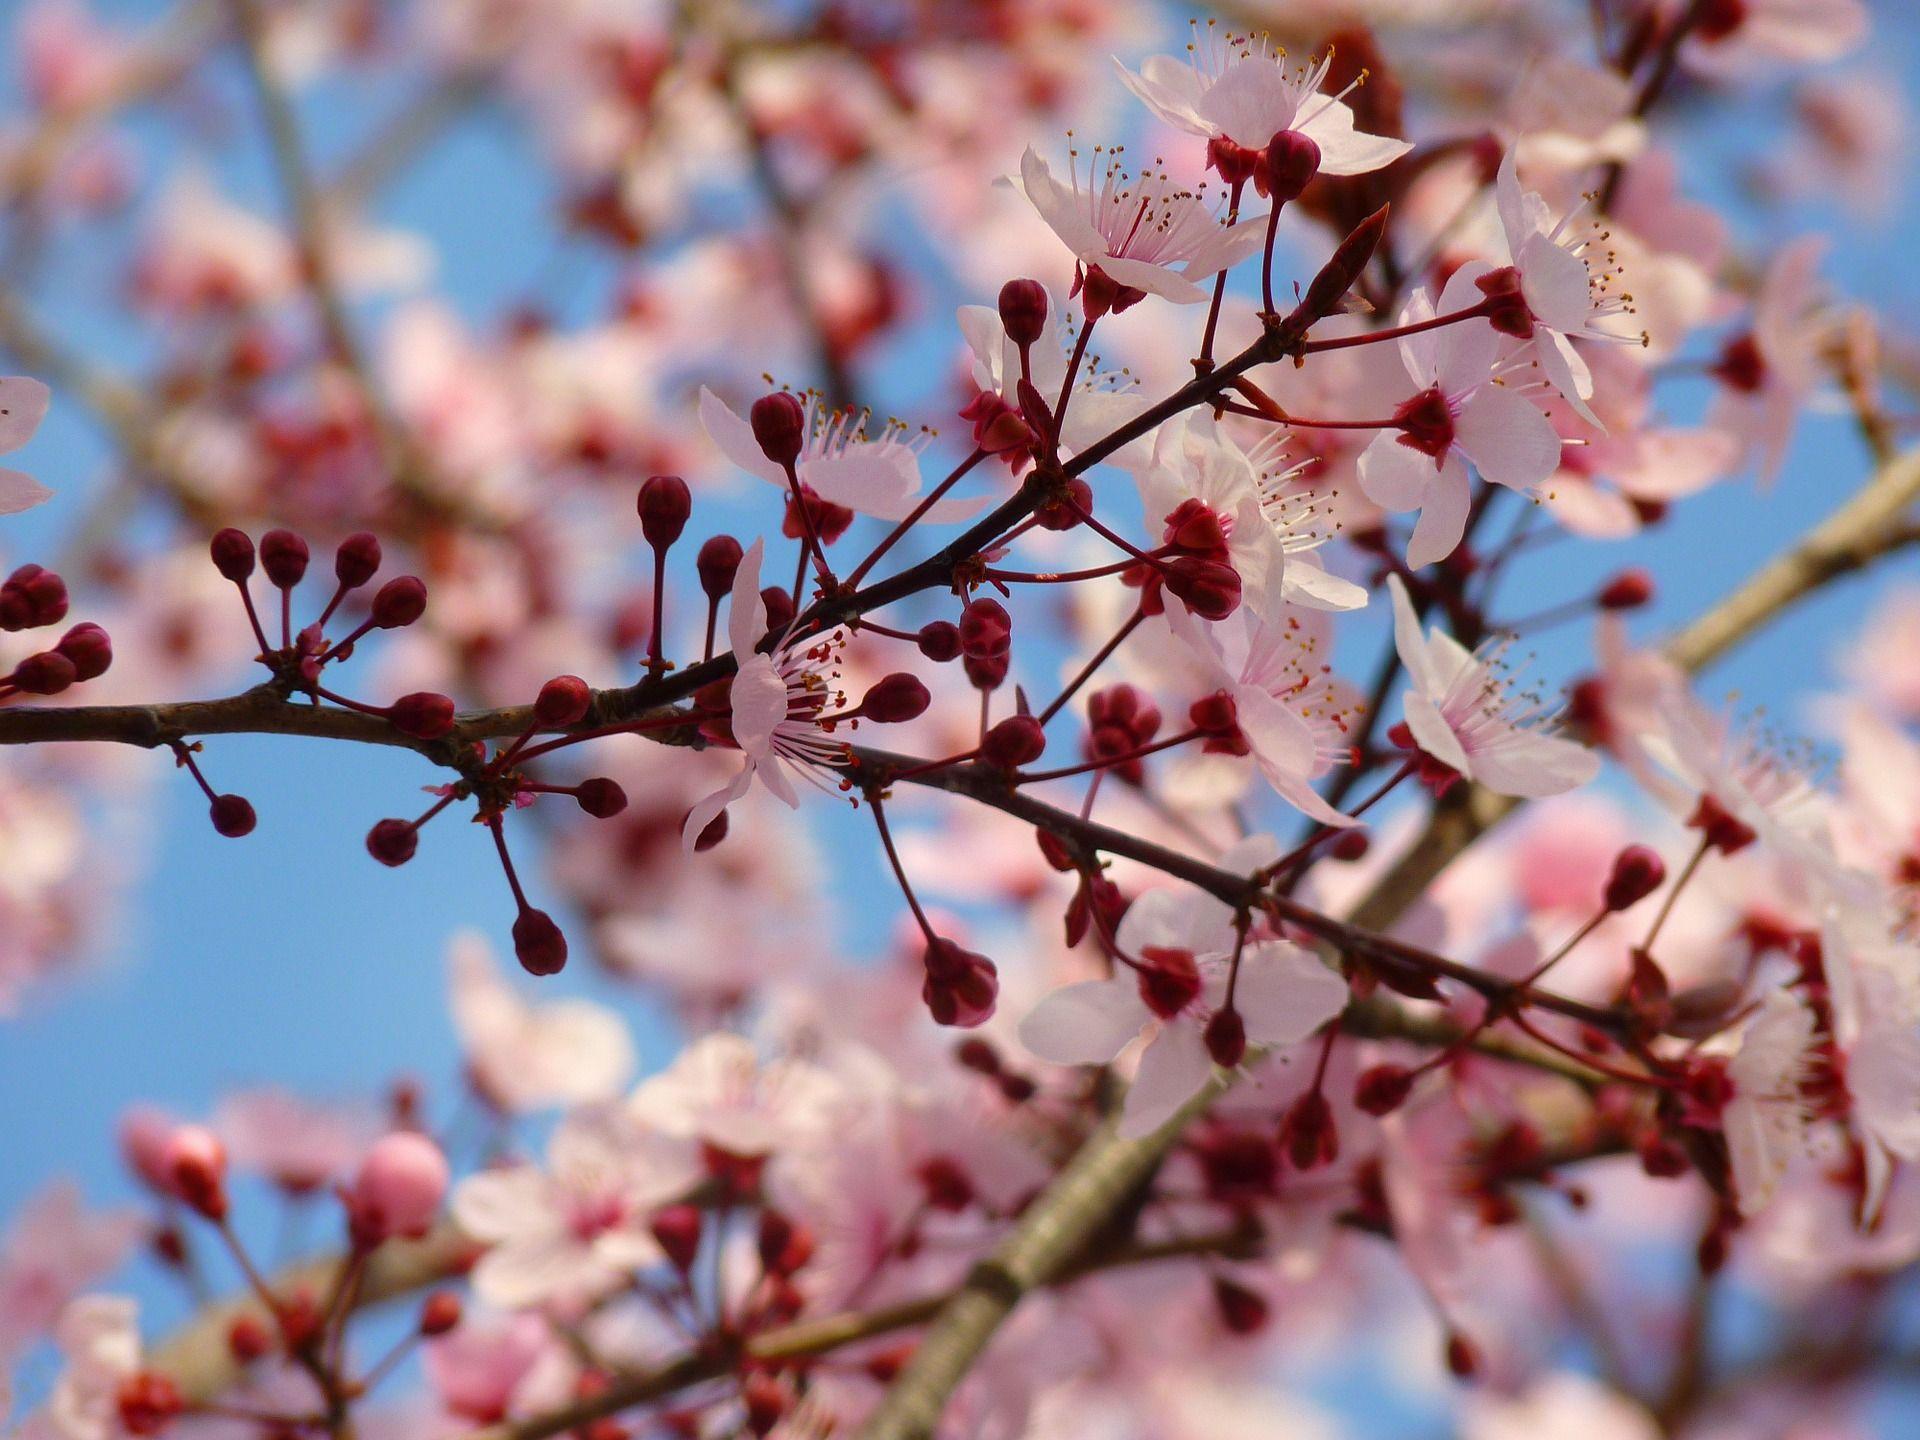 La frontera portuguesa inicia las Fiestas de la Floración del Almendro